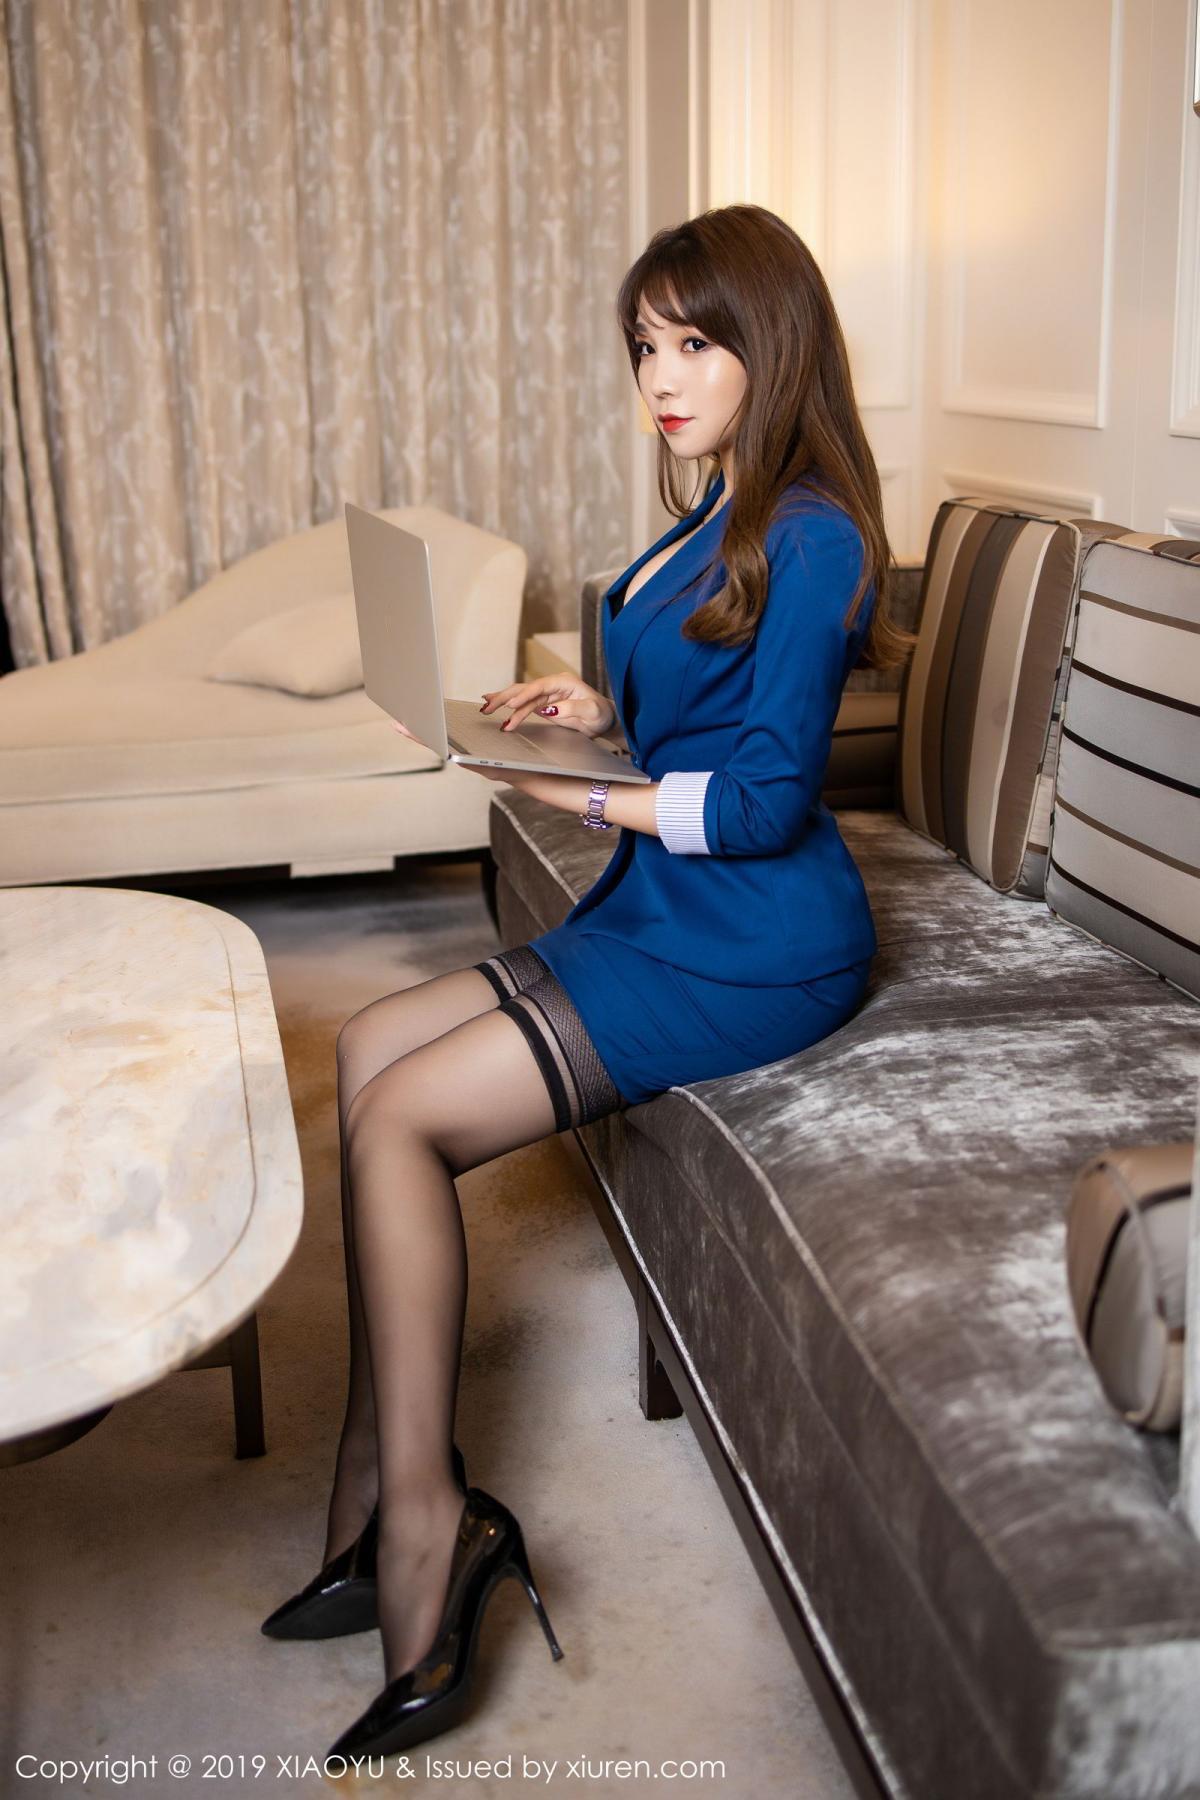 [XiaoYu] Vol.205 Chen Zhi 17P, Black Silk, Chen Zhi, Underwear, Uniform, XiaoYu